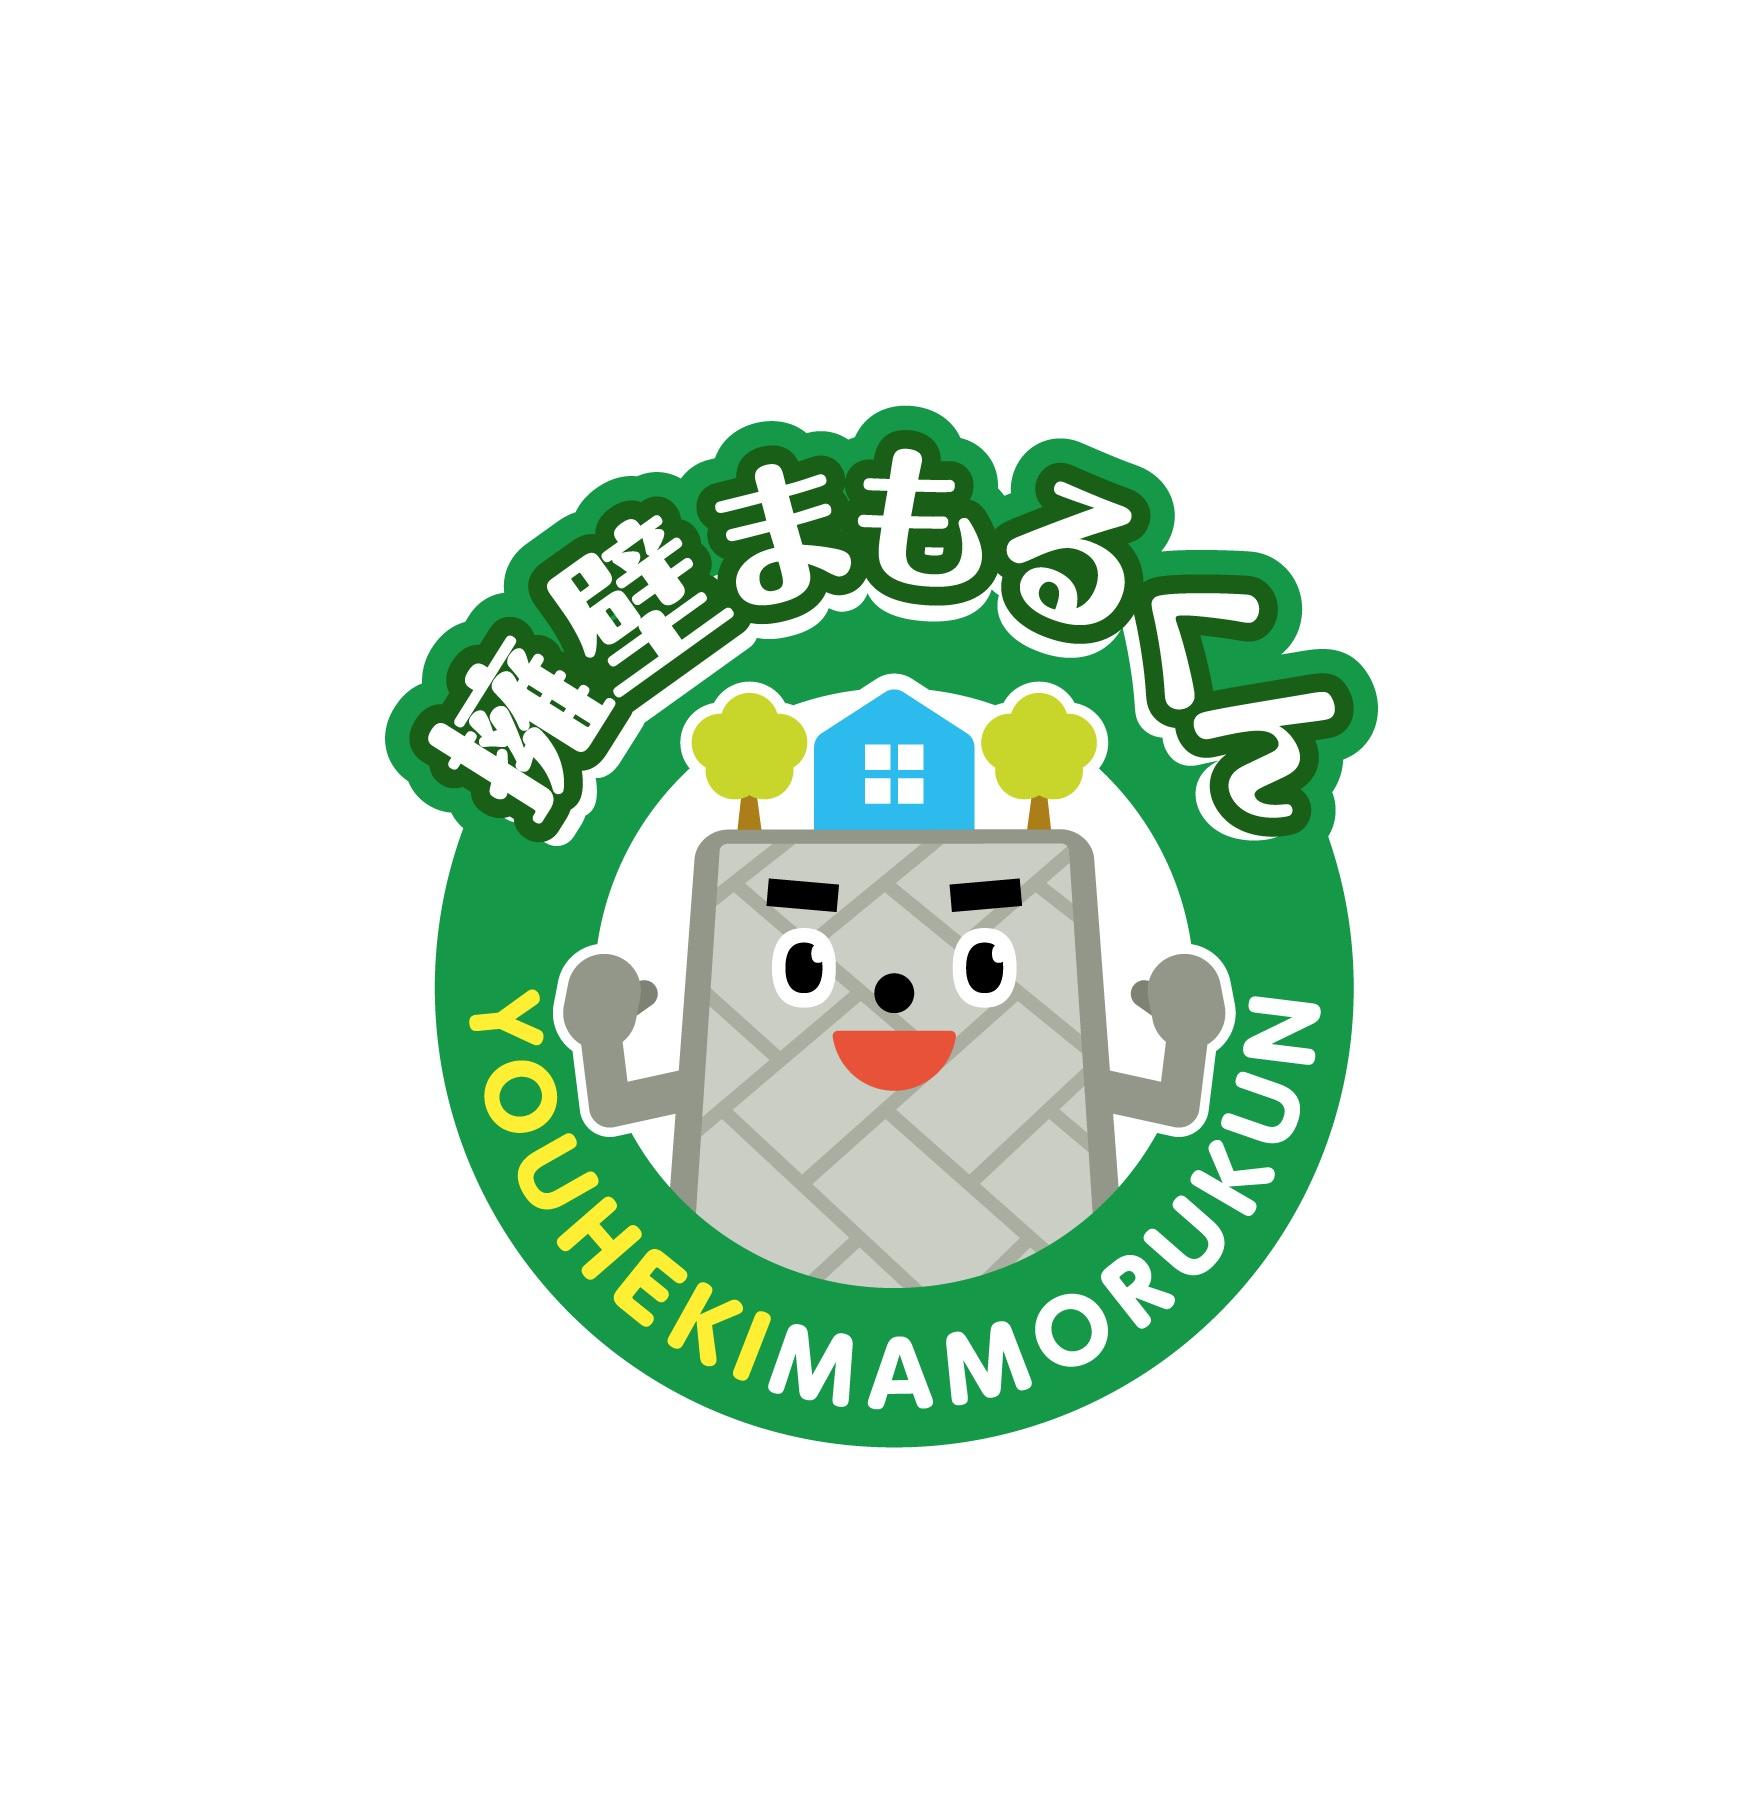 日本地盤協会、擁壁のある土地に特化した保証スタート